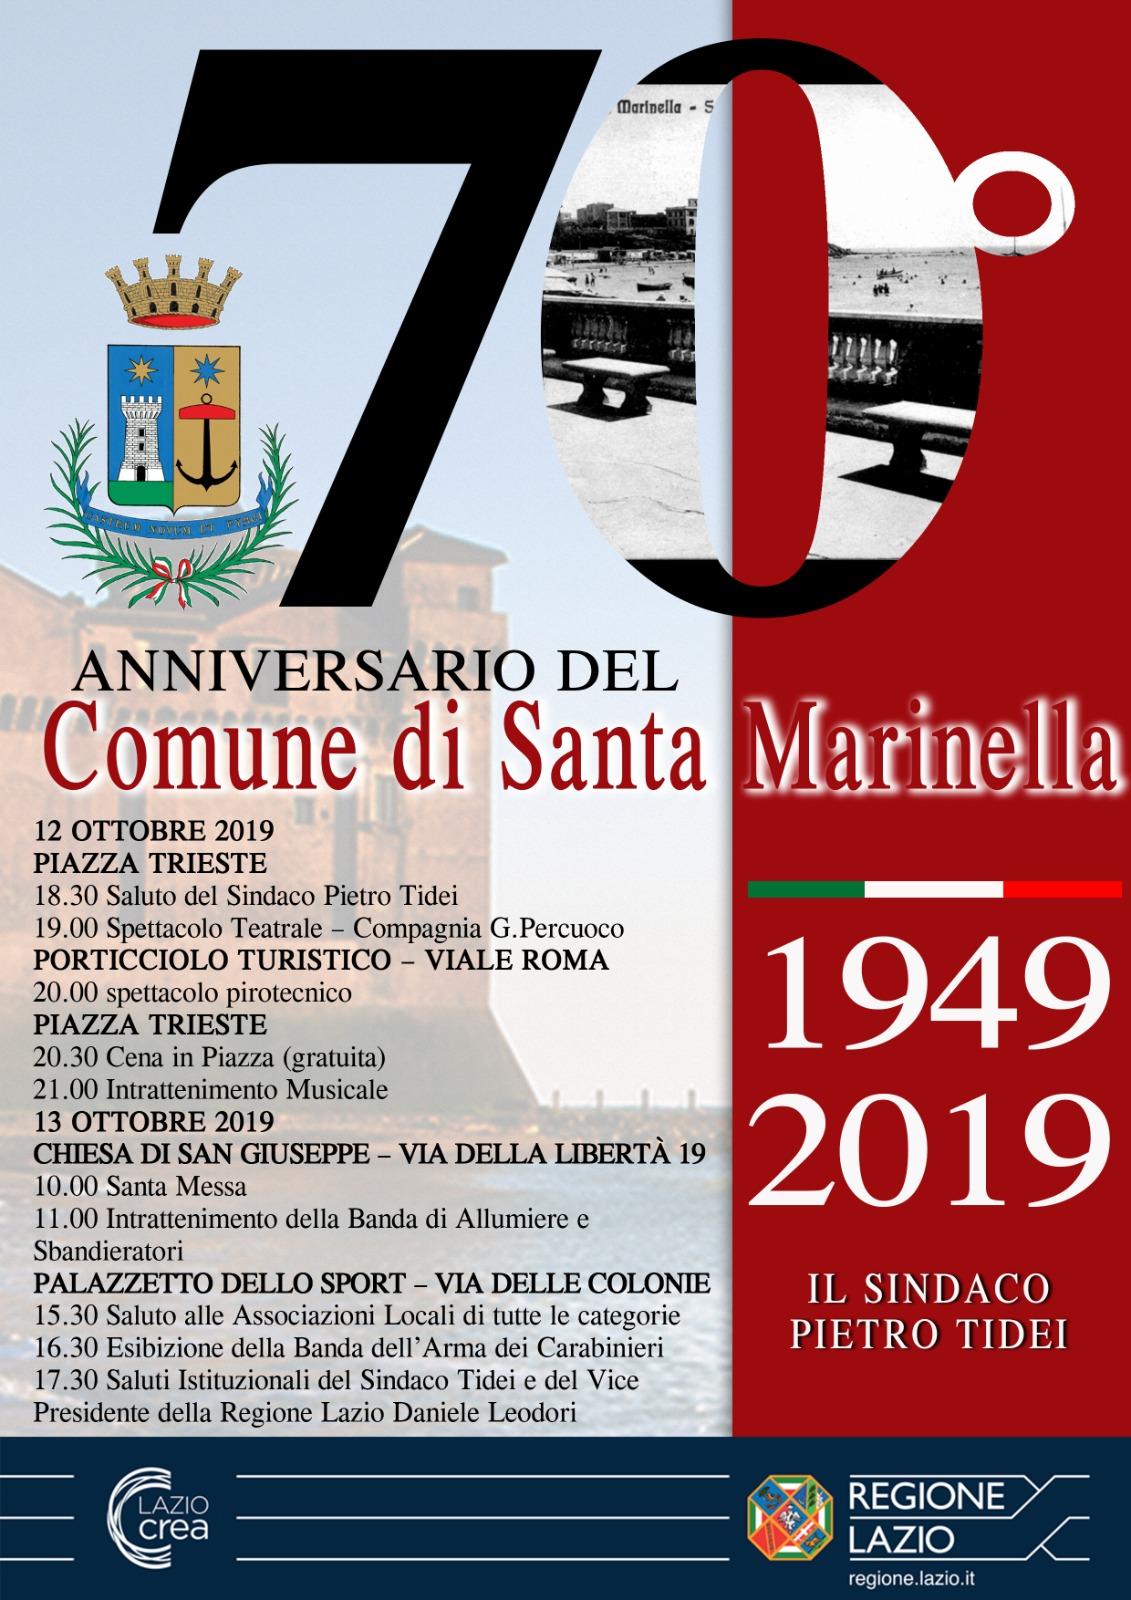 70° anniversario della nascita del Comune di Santa Marinella